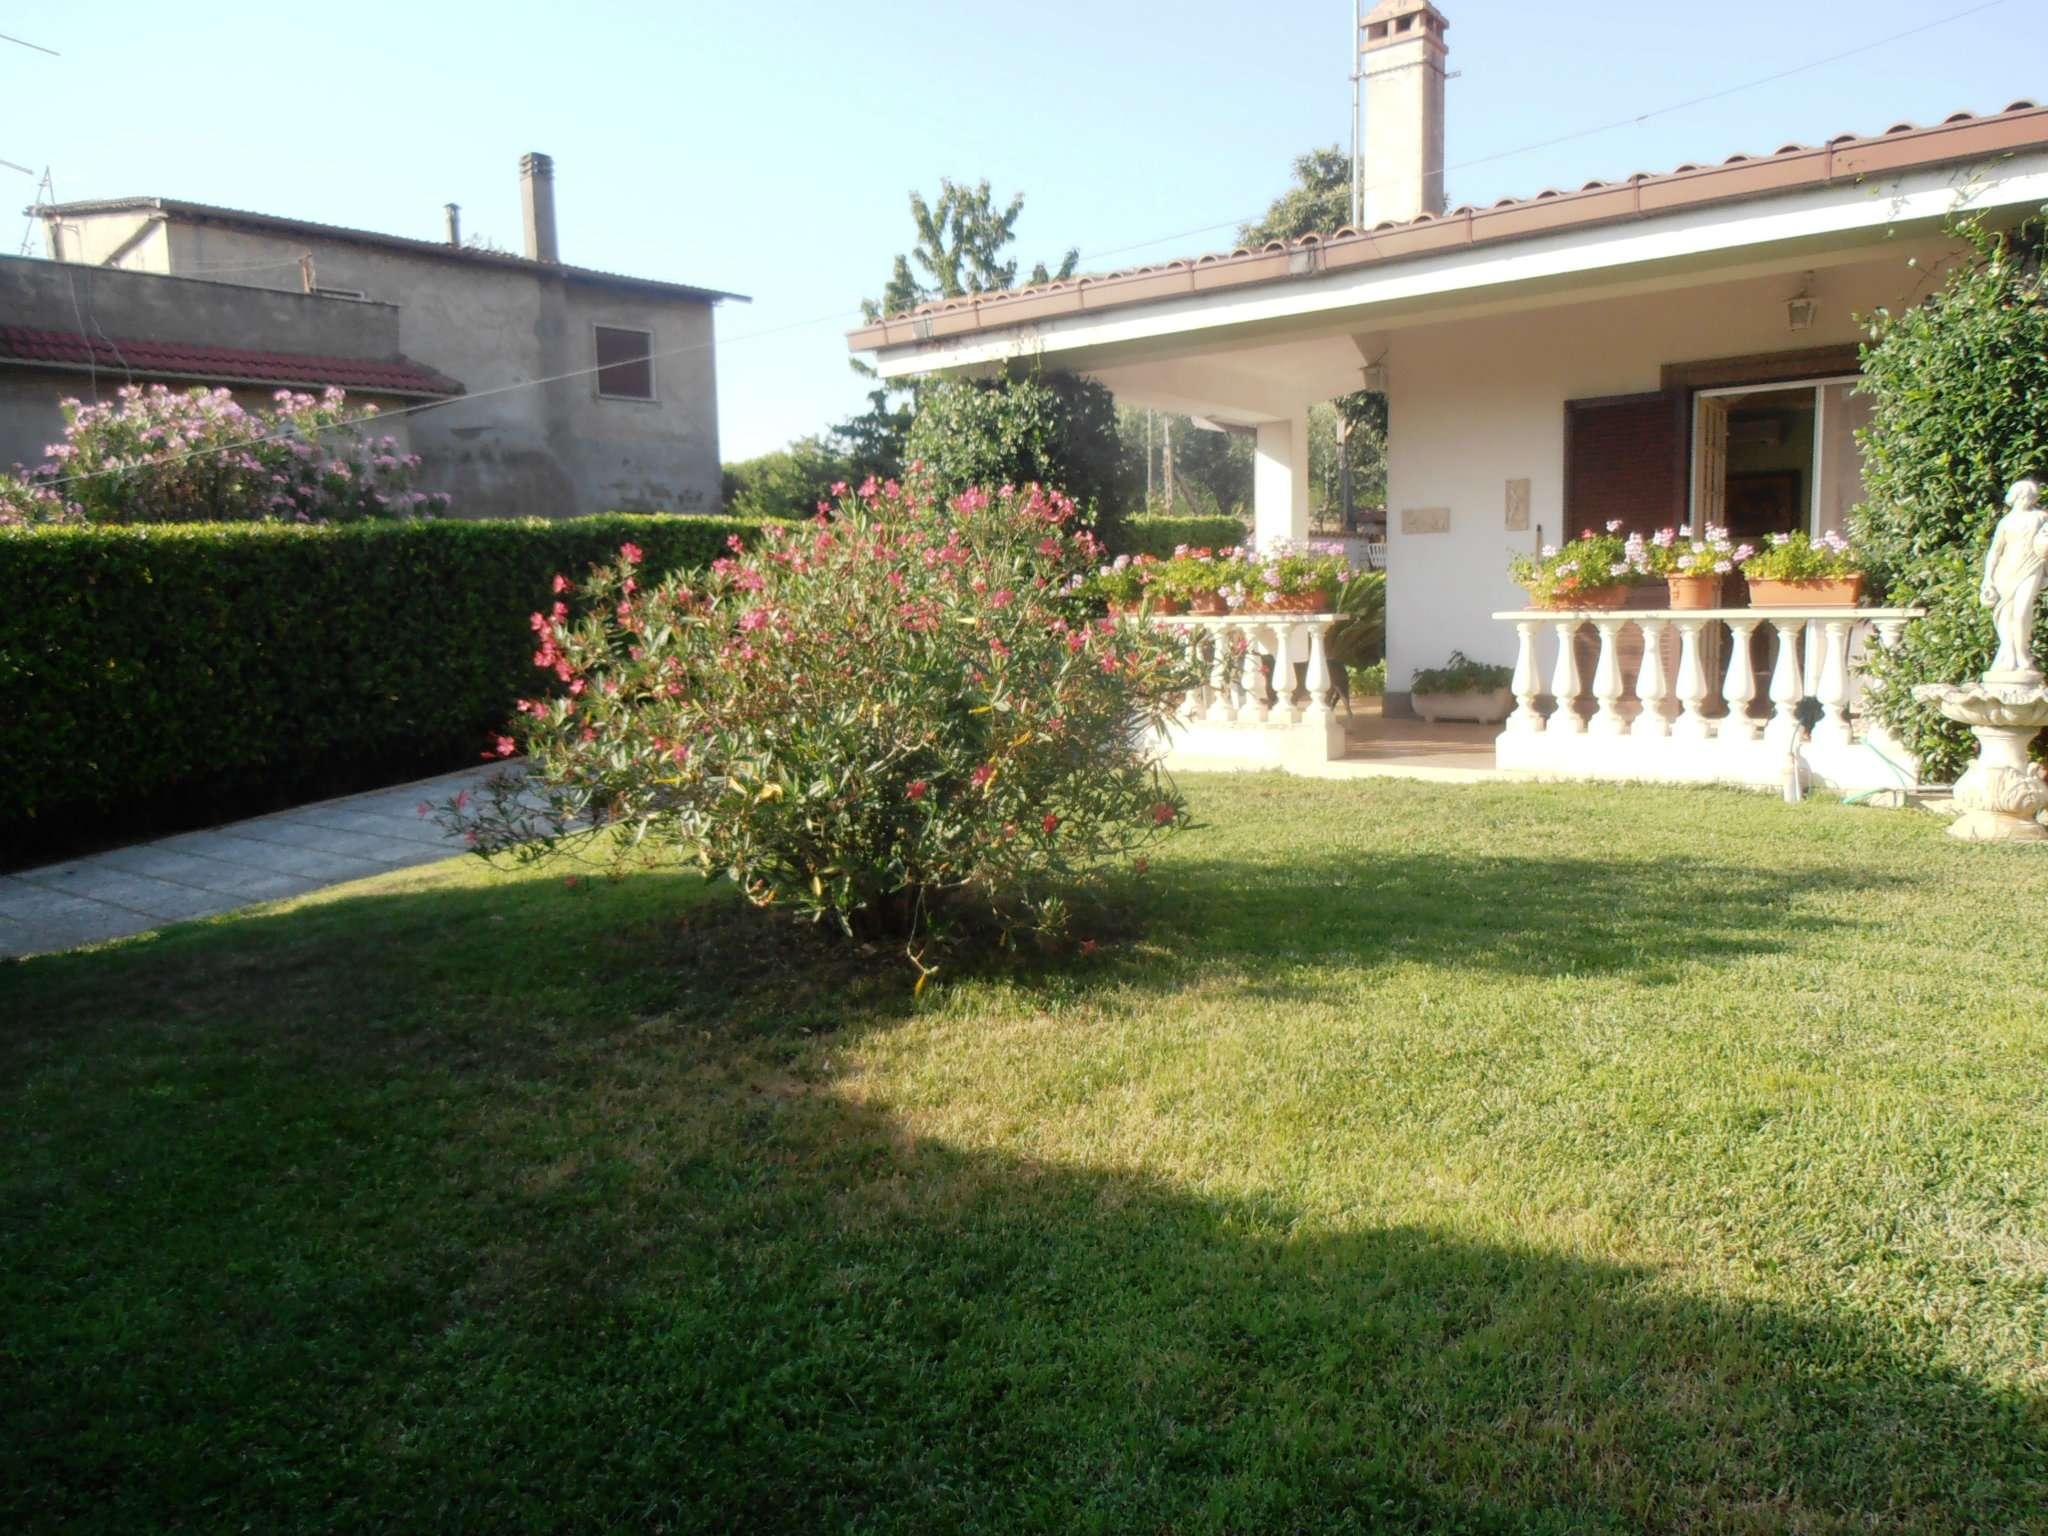 Soluzione Indipendente in vendita a Ariccia, 2 locali, prezzo € 155.000   CambioCasa.it